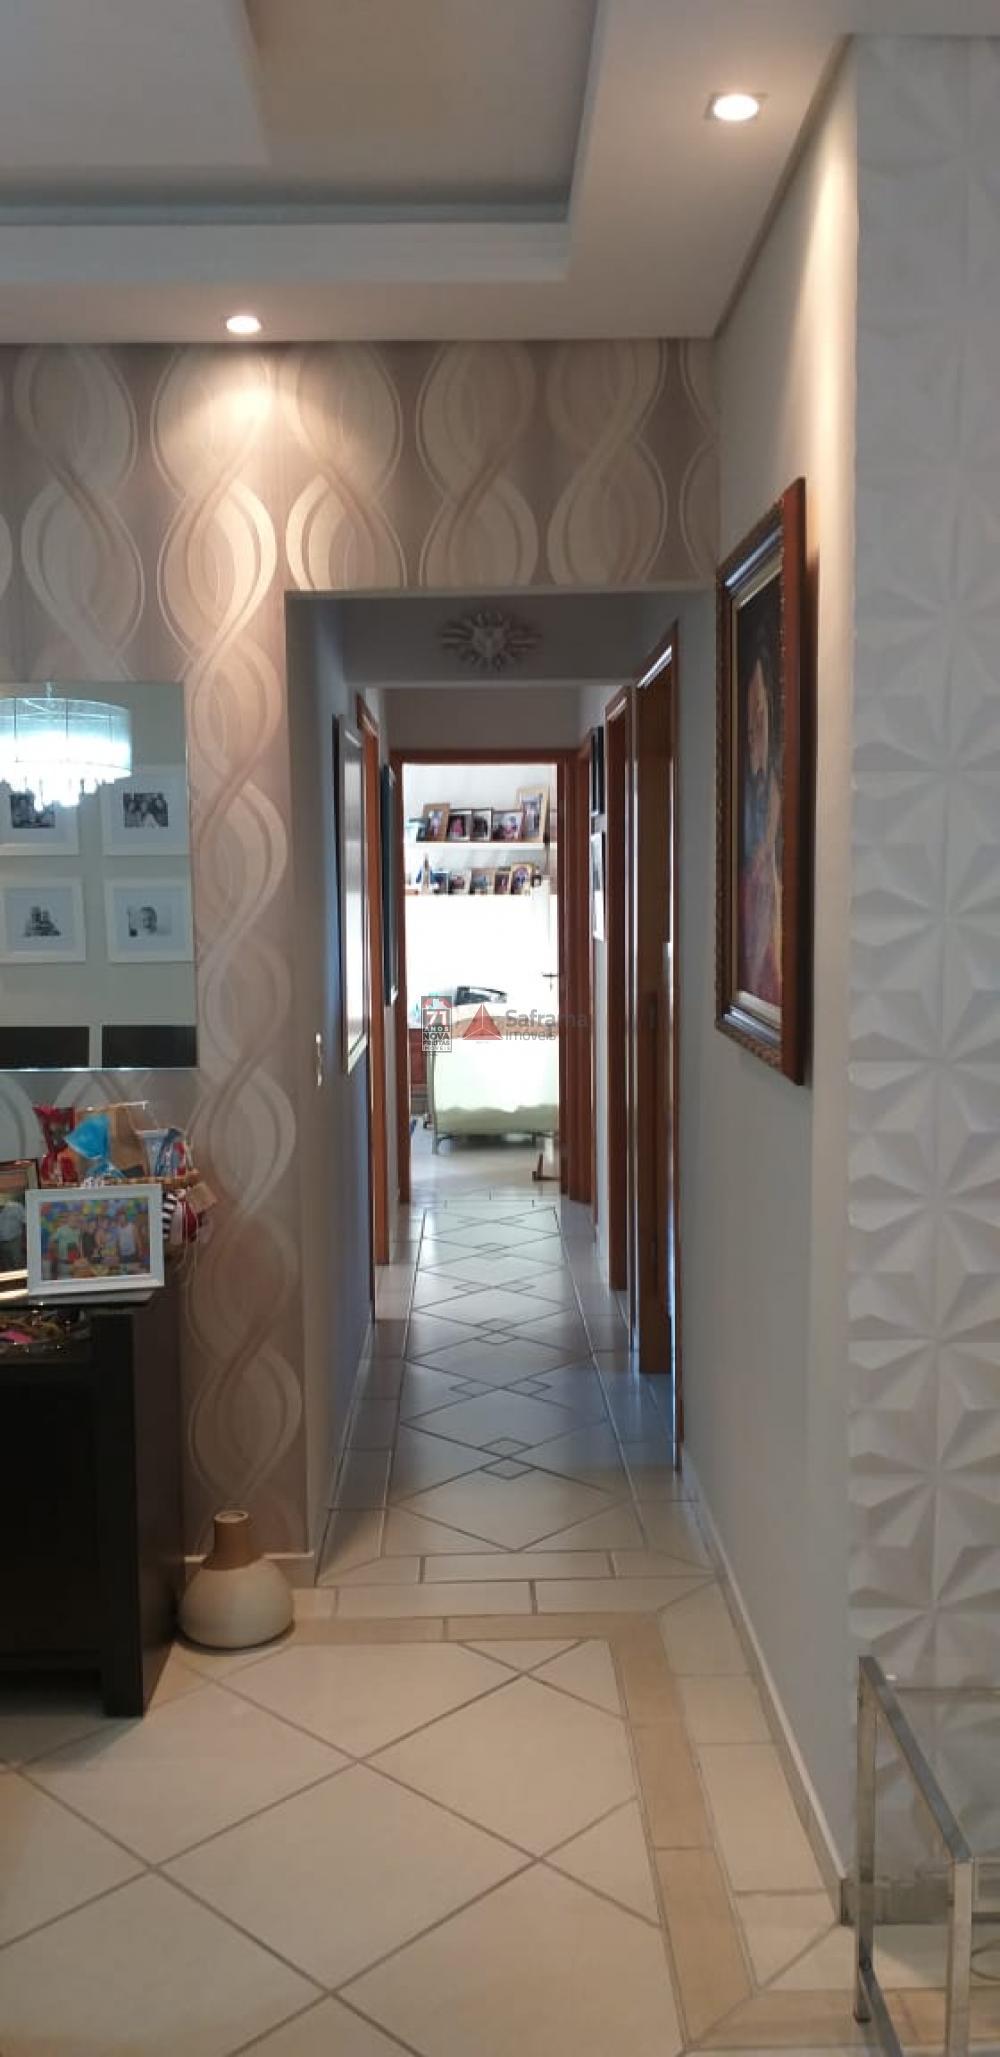 Comprar Apartamento / Padrão em São José dos Campos R$ 765.000,00 - Foto 8